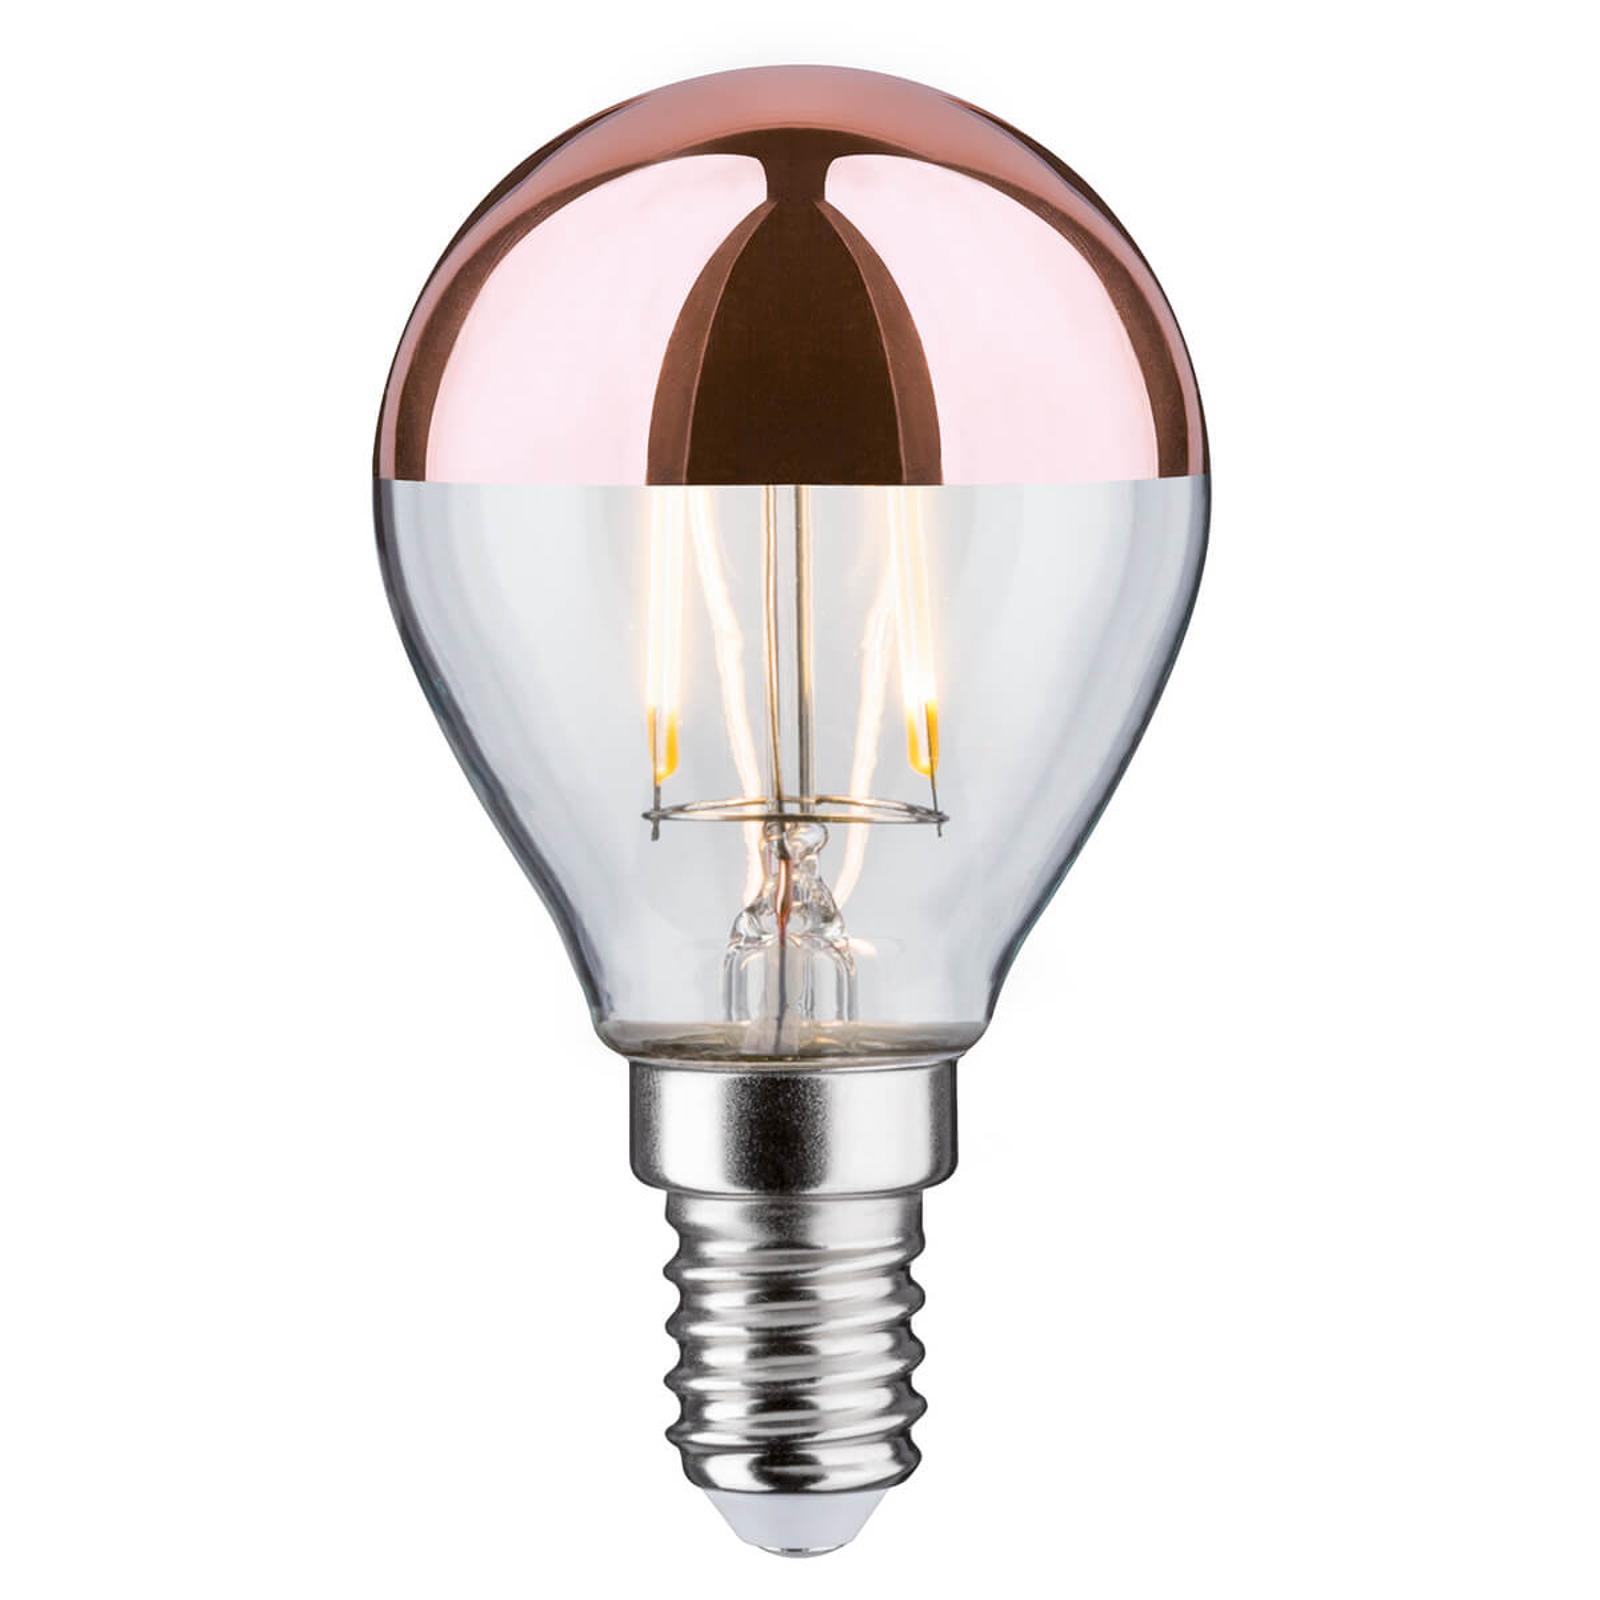 Paulmann LED-Kopfspiegellampe E14 2,6W 827 kupfer